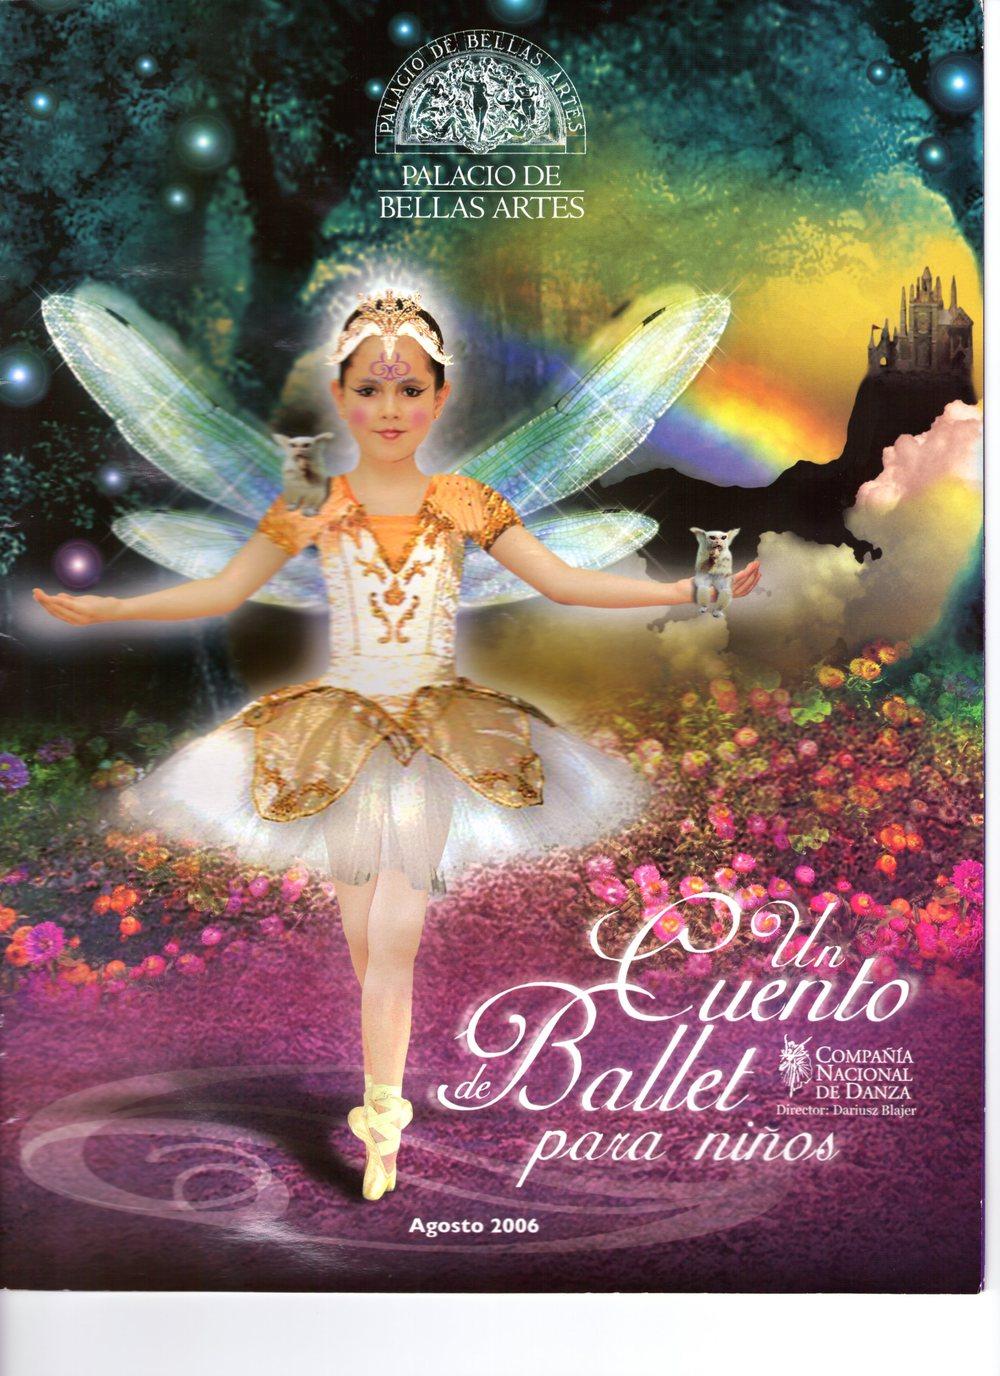 Un Cuento de Ballet Para Niños, Compañía Nacional de Danza